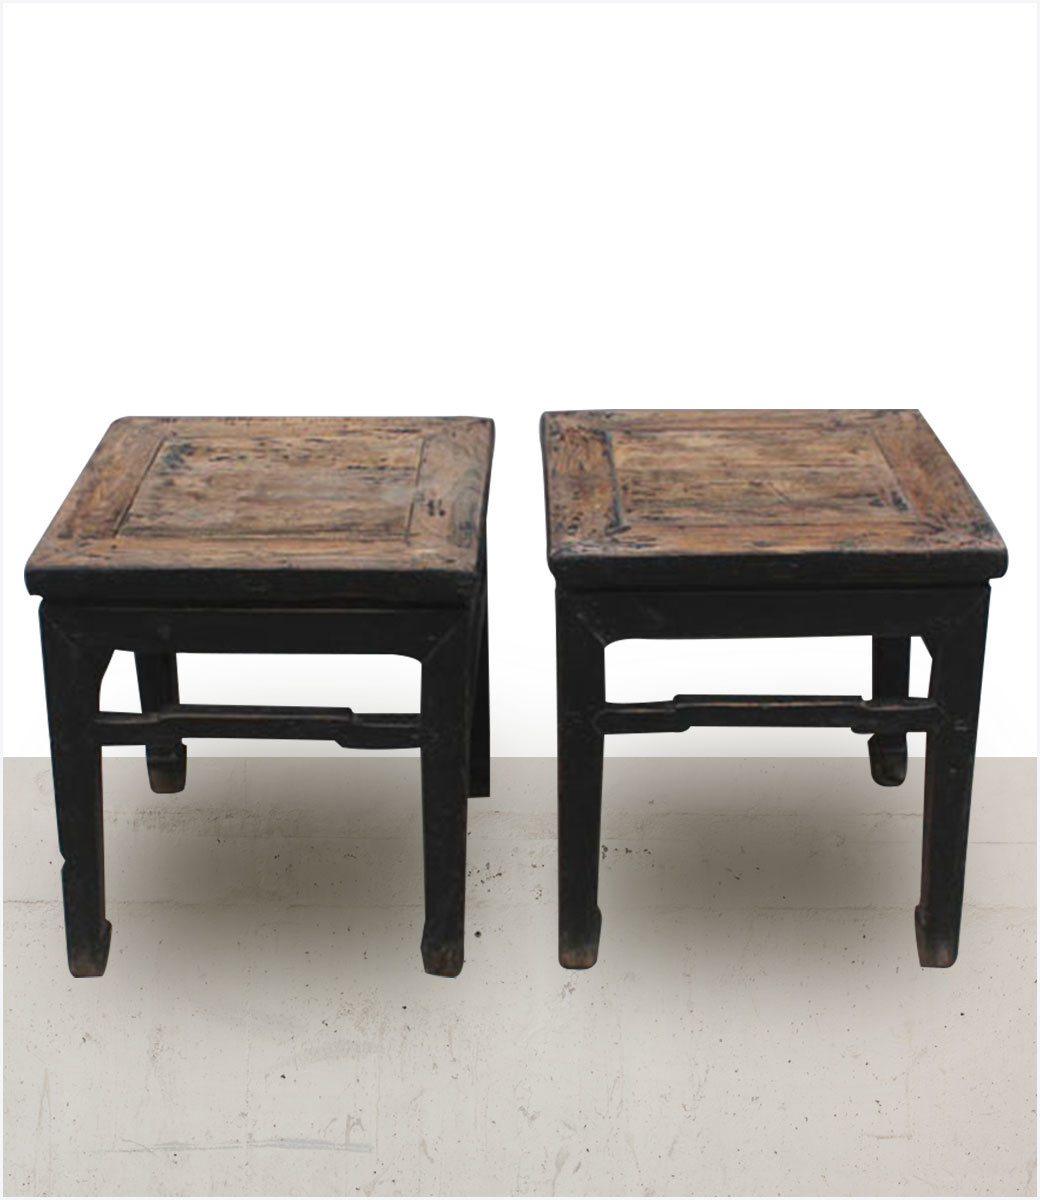 Petite Lily Interiors Lot de 2 tables Chevet vintage en orme / bois brut - 45x45xh49cm - piece unique